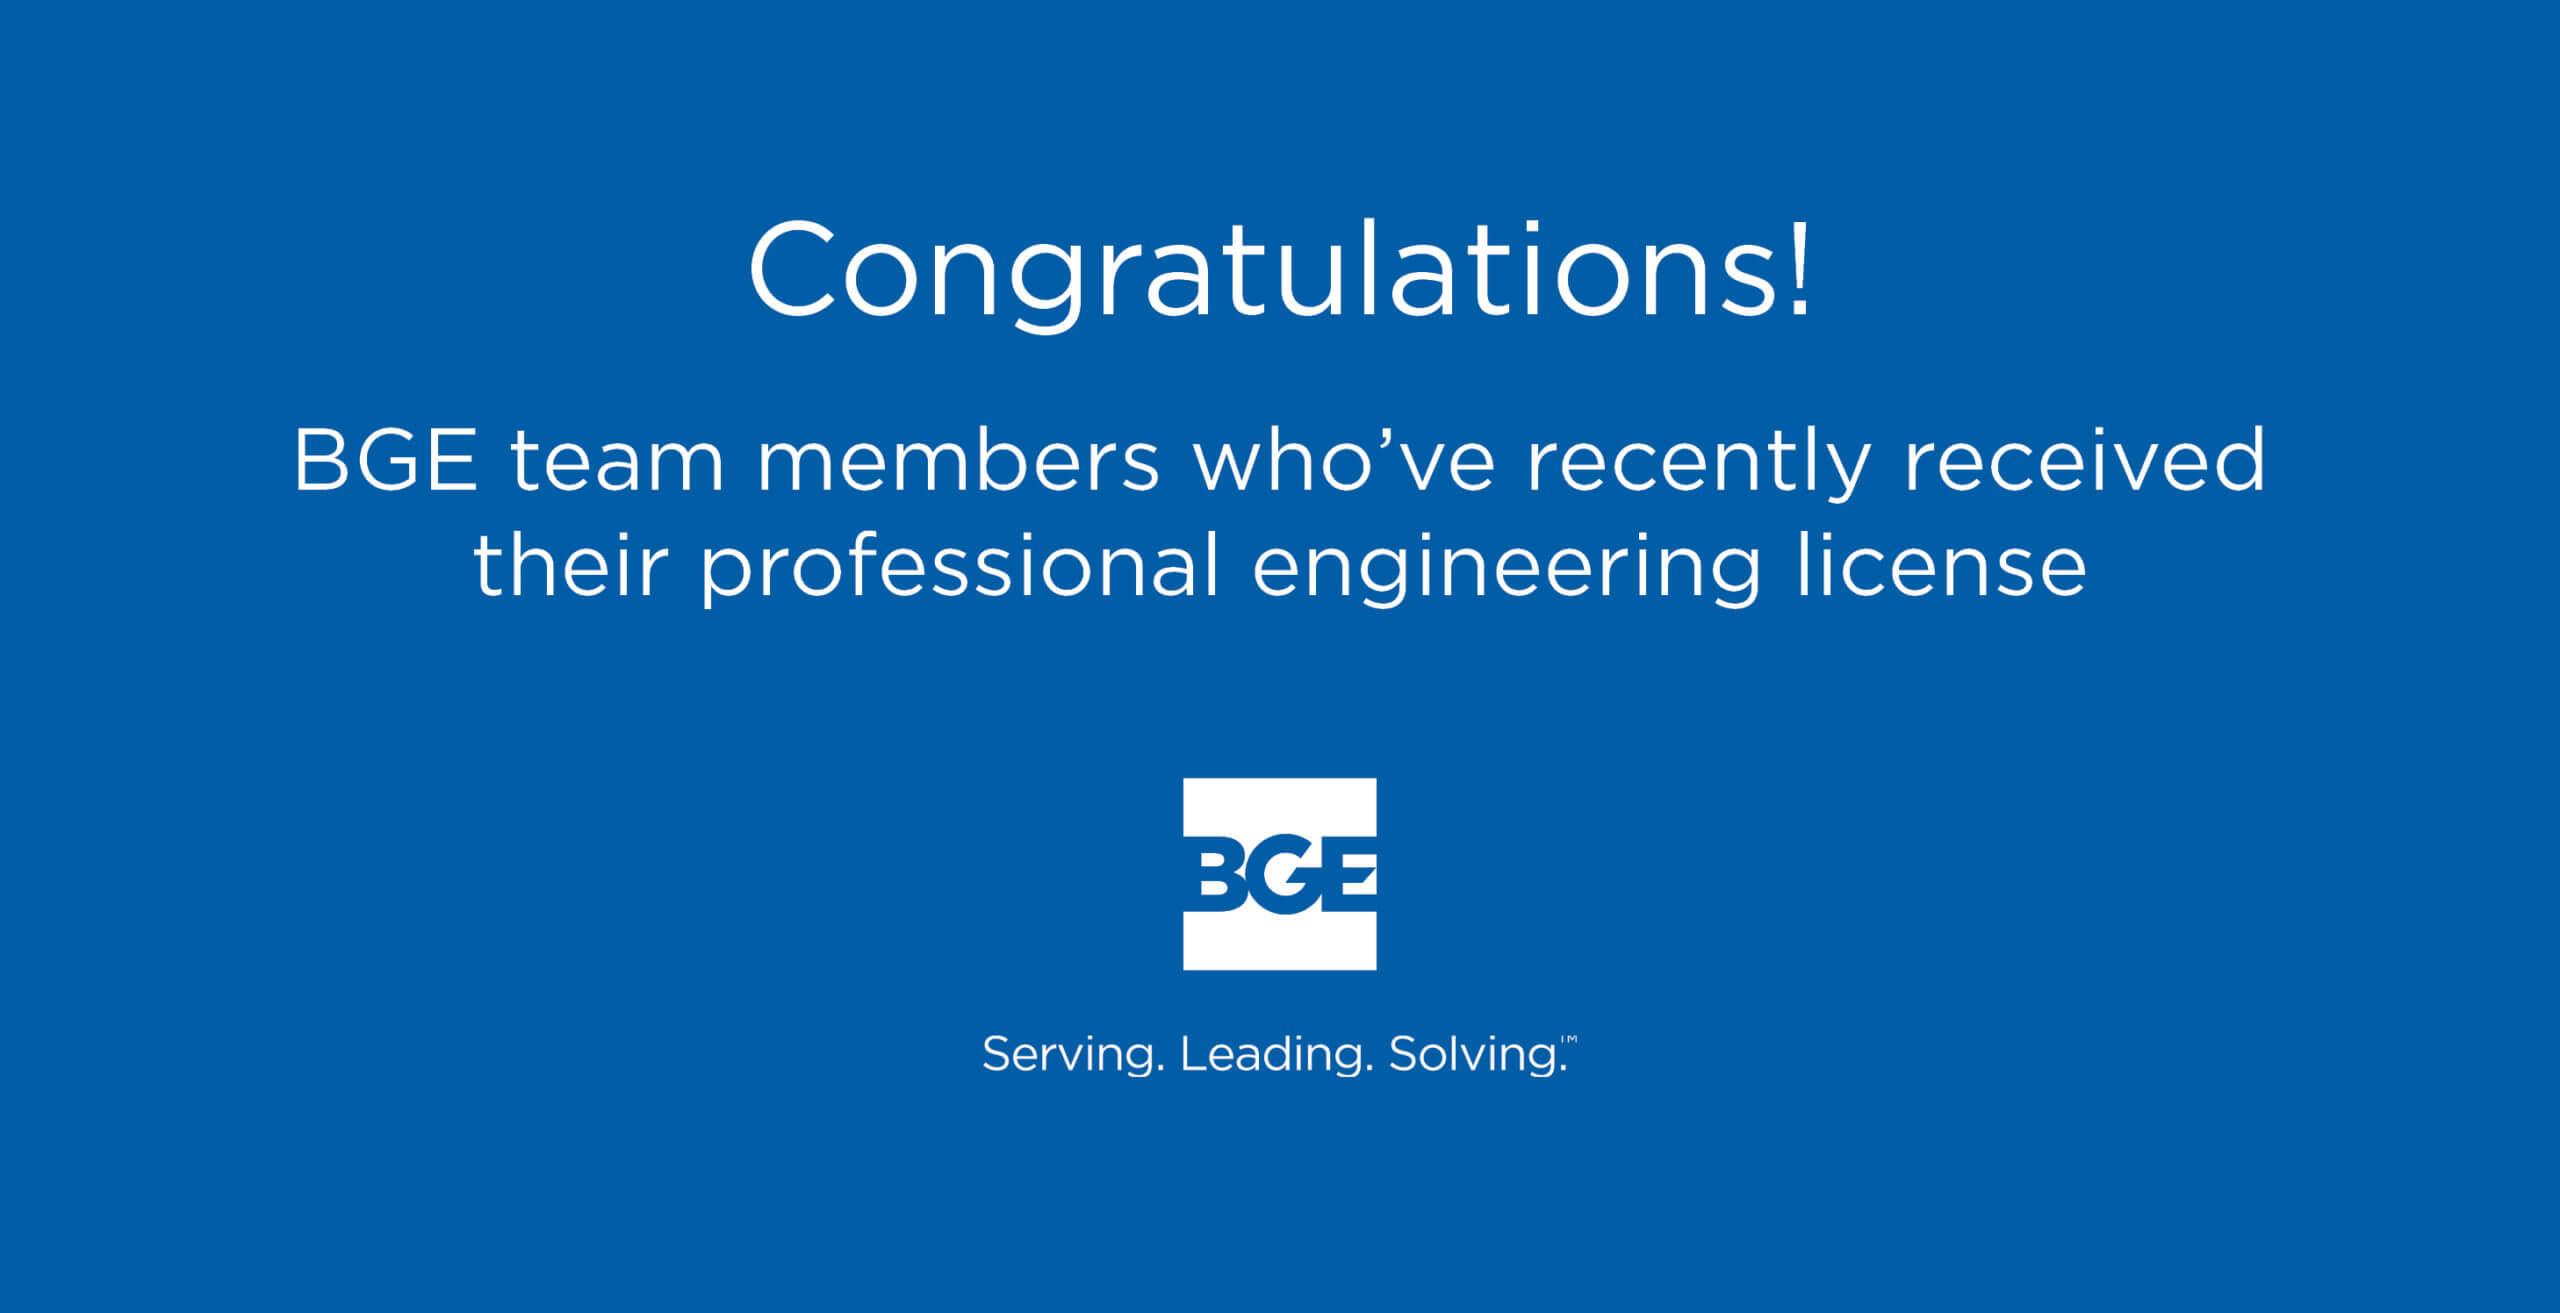 BGE Engineers Earn Professional Engineering Licenses